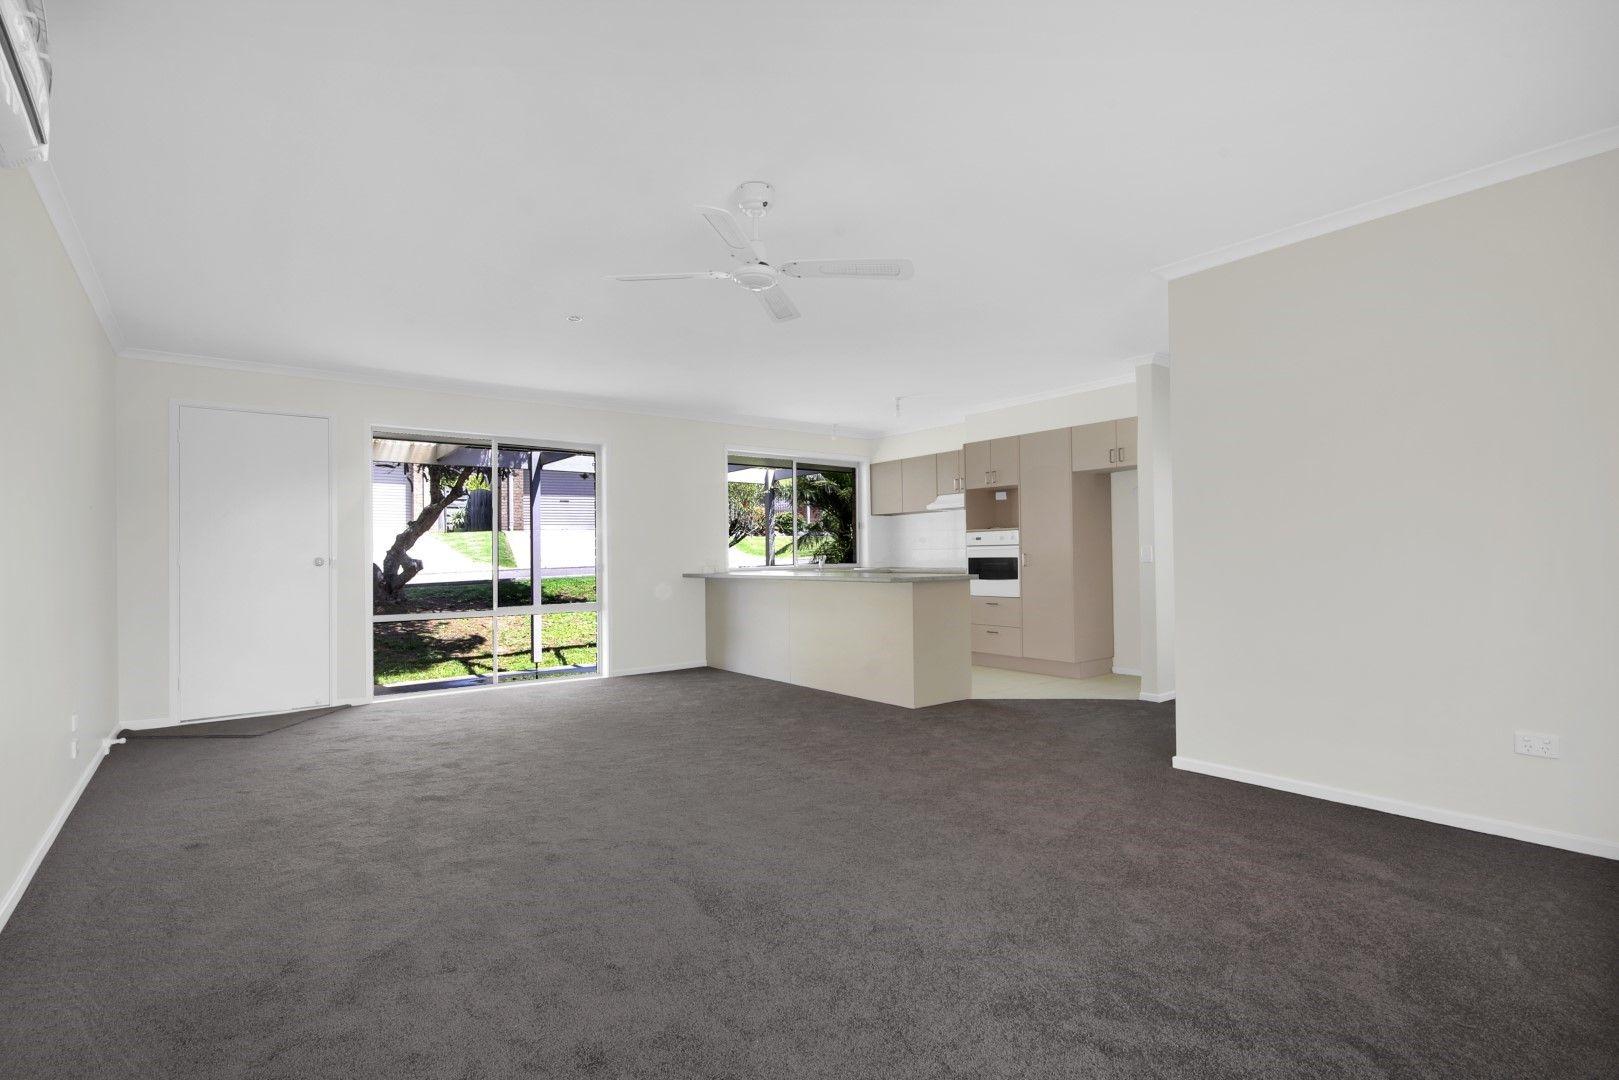 36/11 Payne Street, Narooma NSW 2546, Image 1